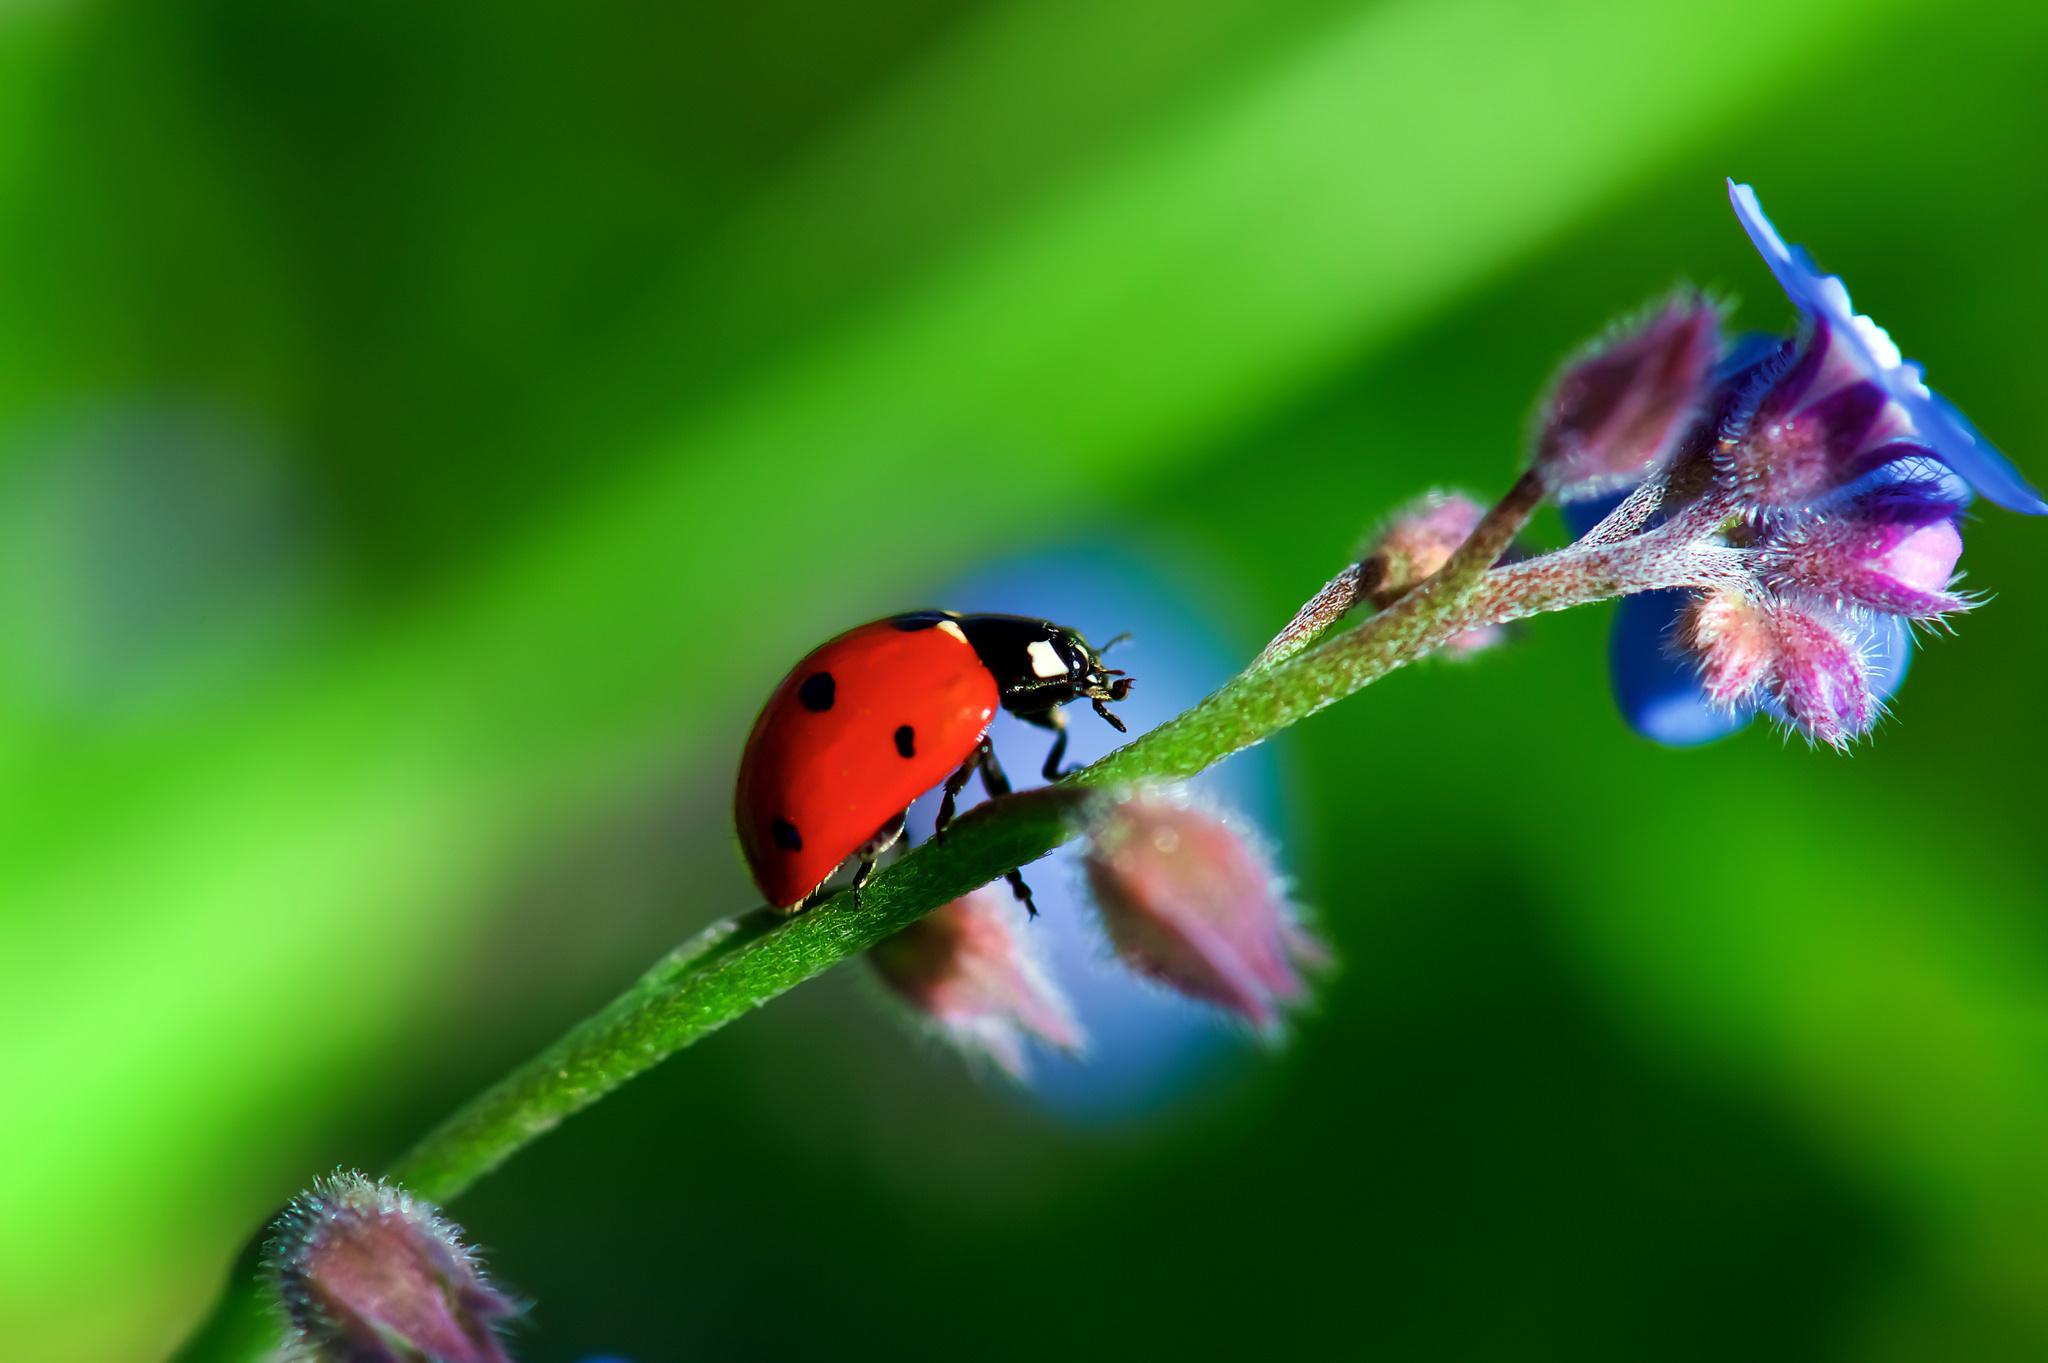 природа насекомое божья коровка цветок  № 3008119 без смс